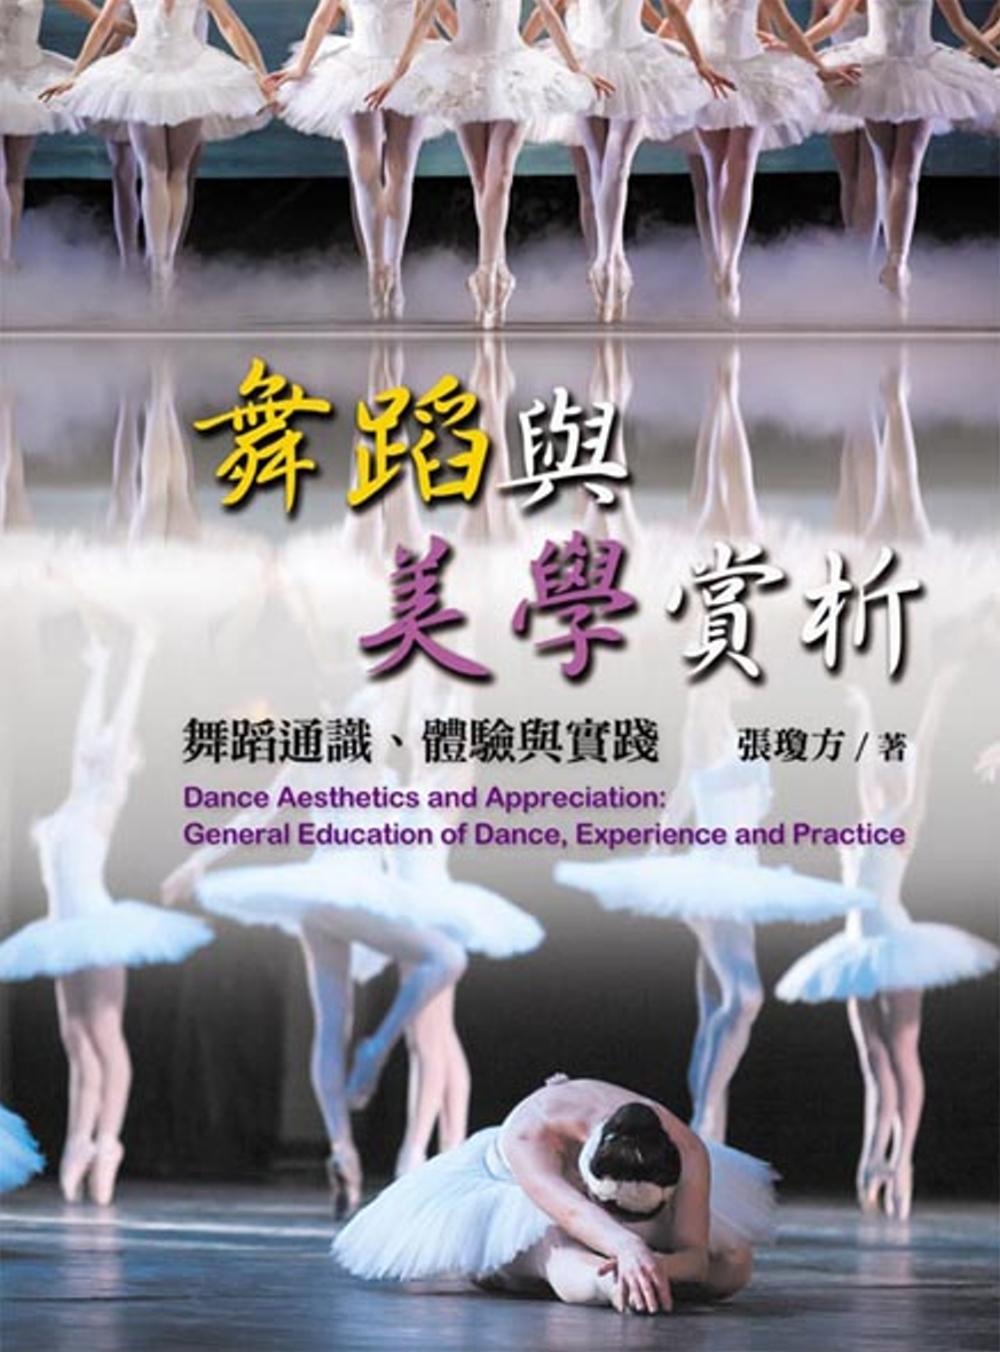 舞蹈與美學賞析:舞蹈通識、體驗...